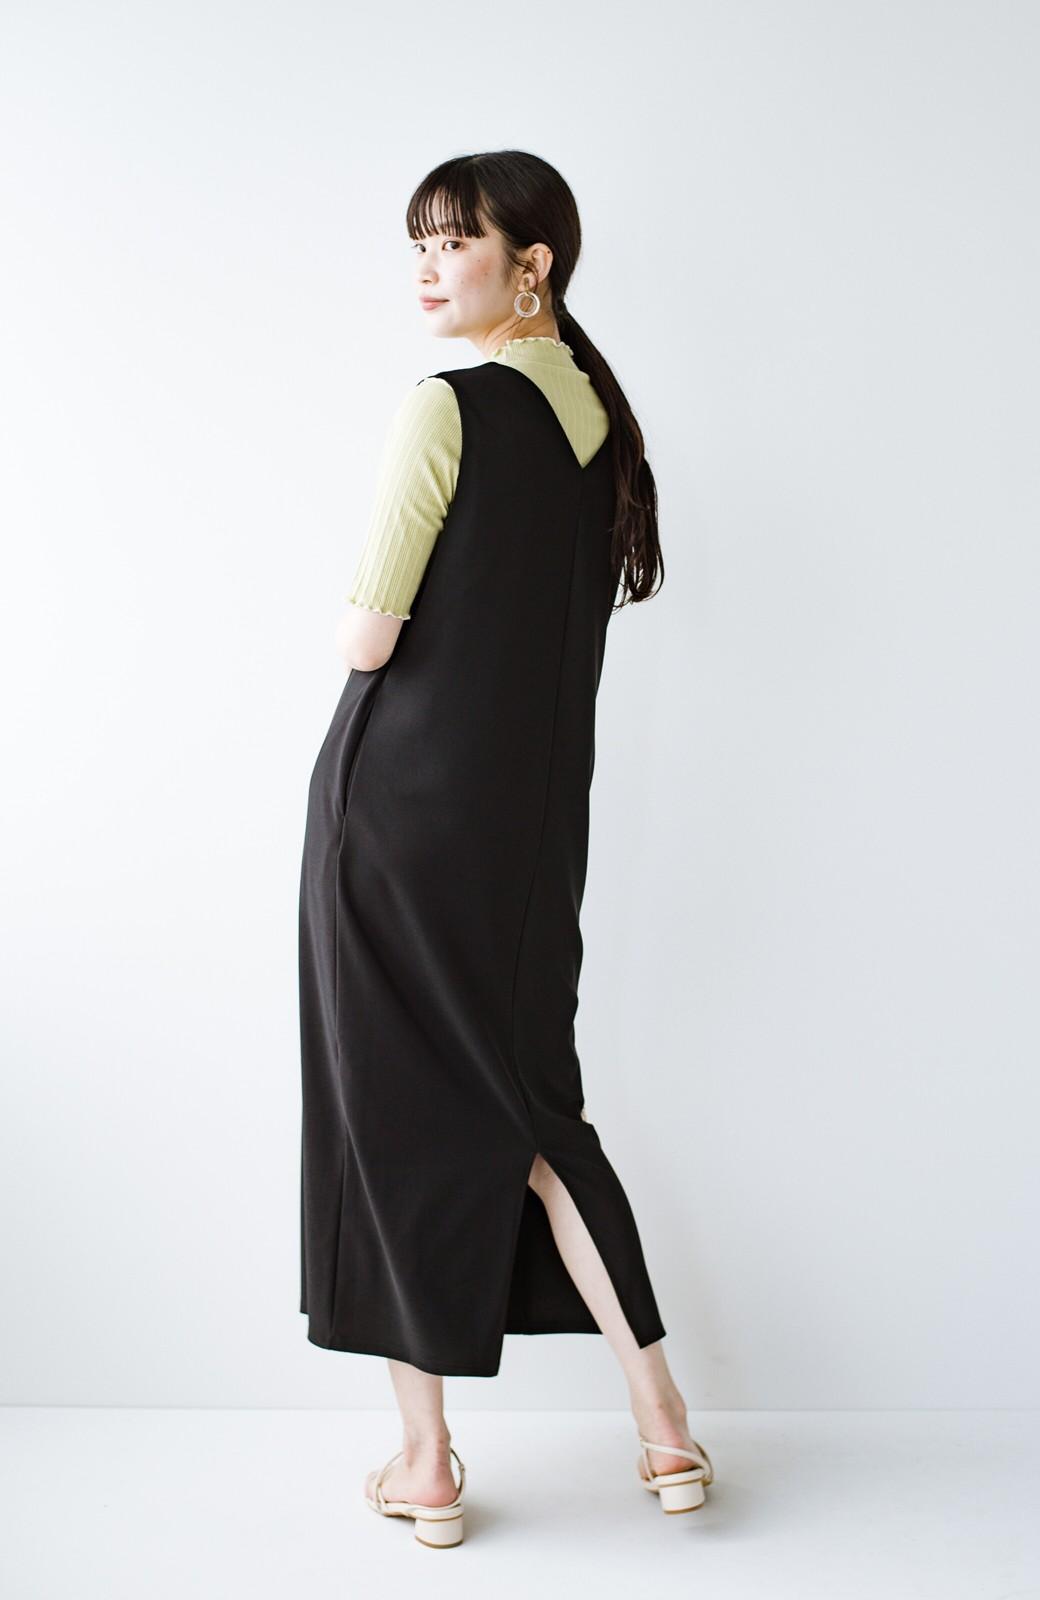 haco! 暑いねと寒いねを言い合える 続く日々がしあわせ どんな日にも寄り添うジャンパースカート by you made me <ブラック>の商品写真8